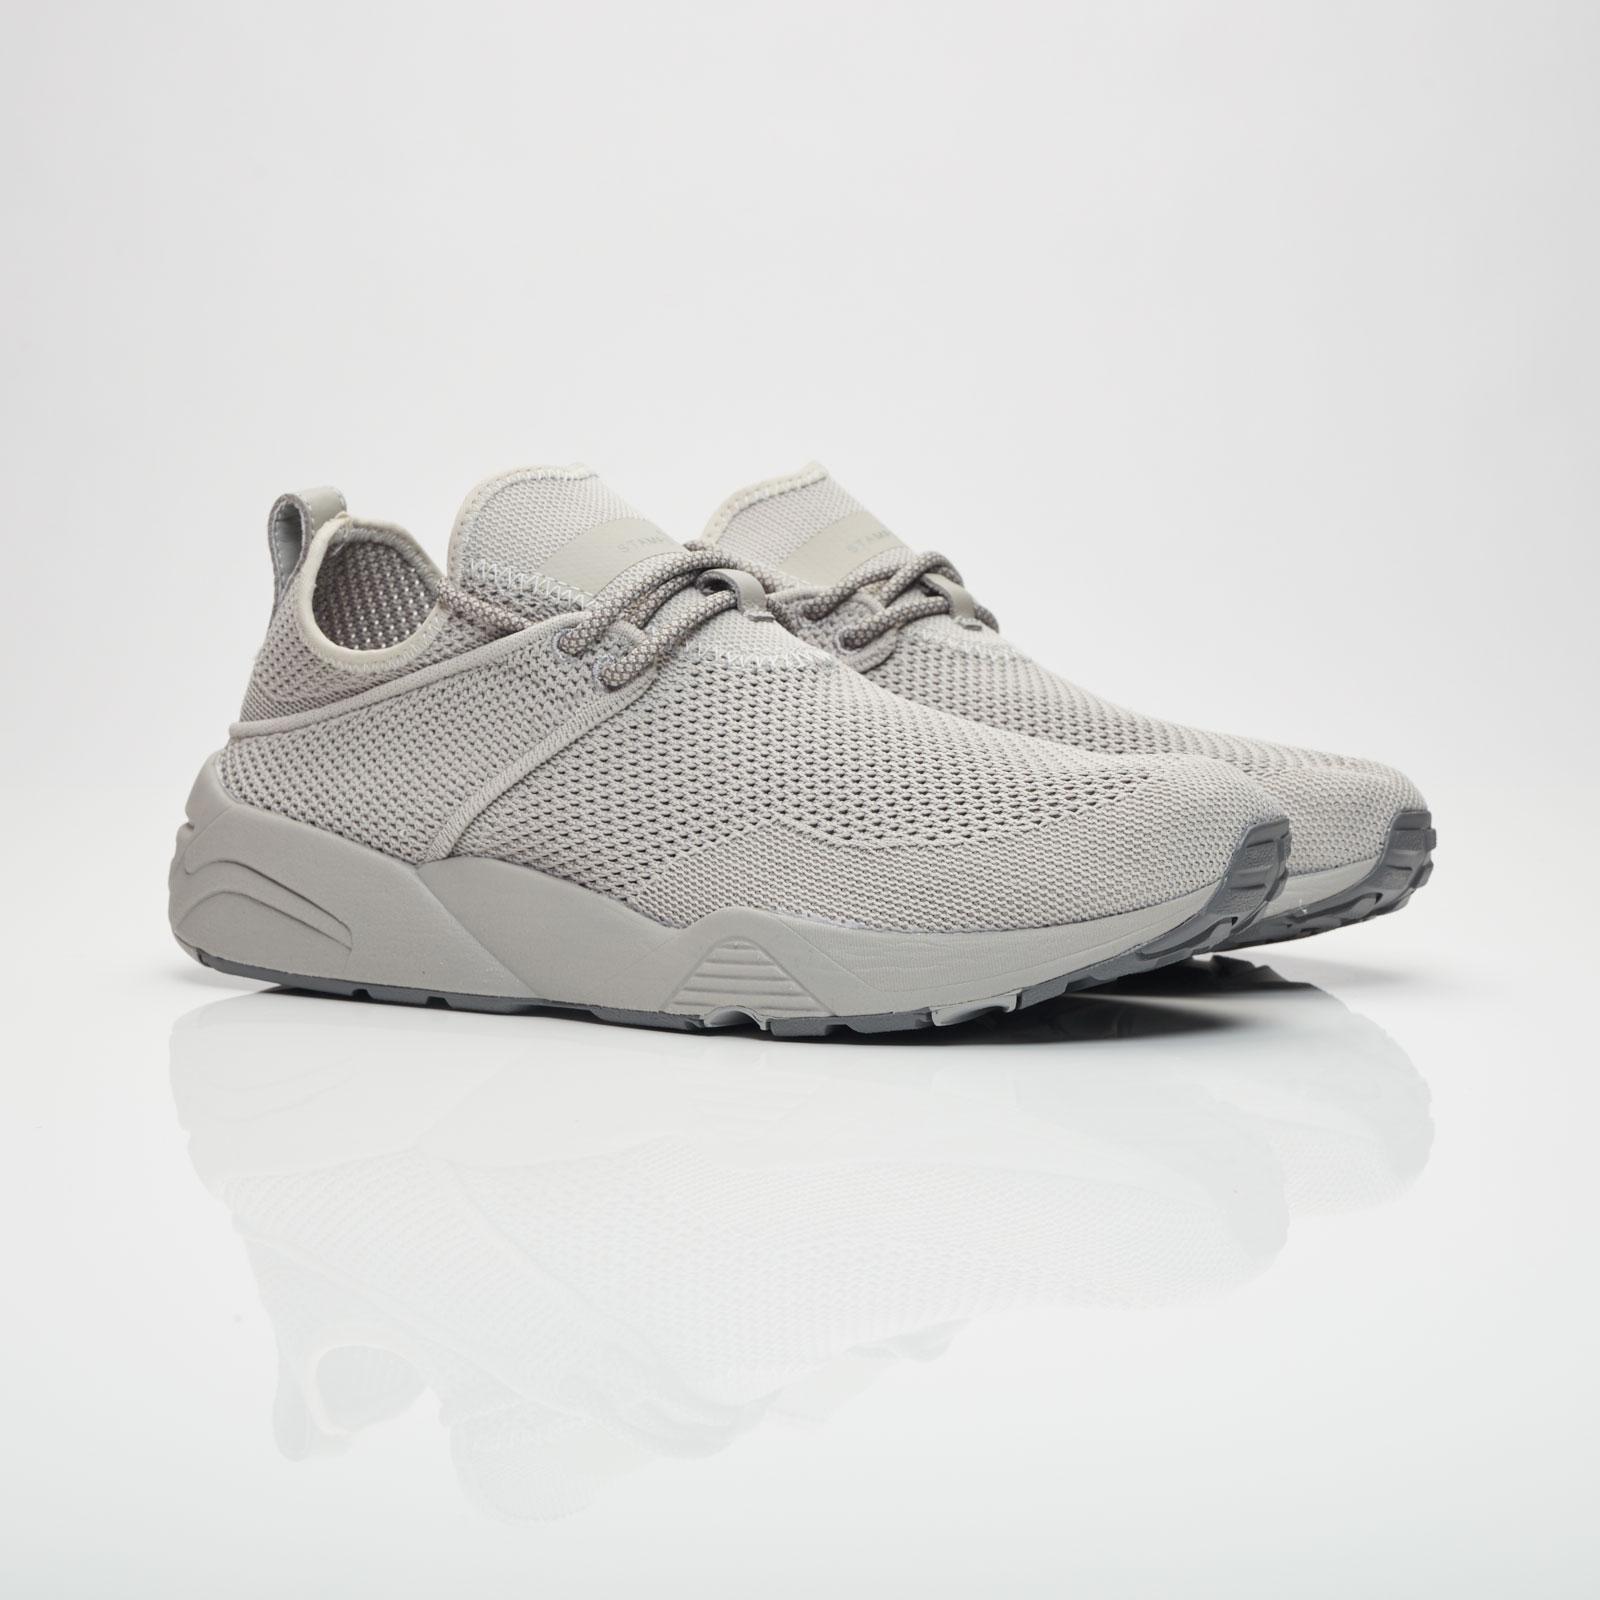 f13946ac2ee3 Puma X Stampd Trinomic Woven - 362744-02 - Sneakersnstuff